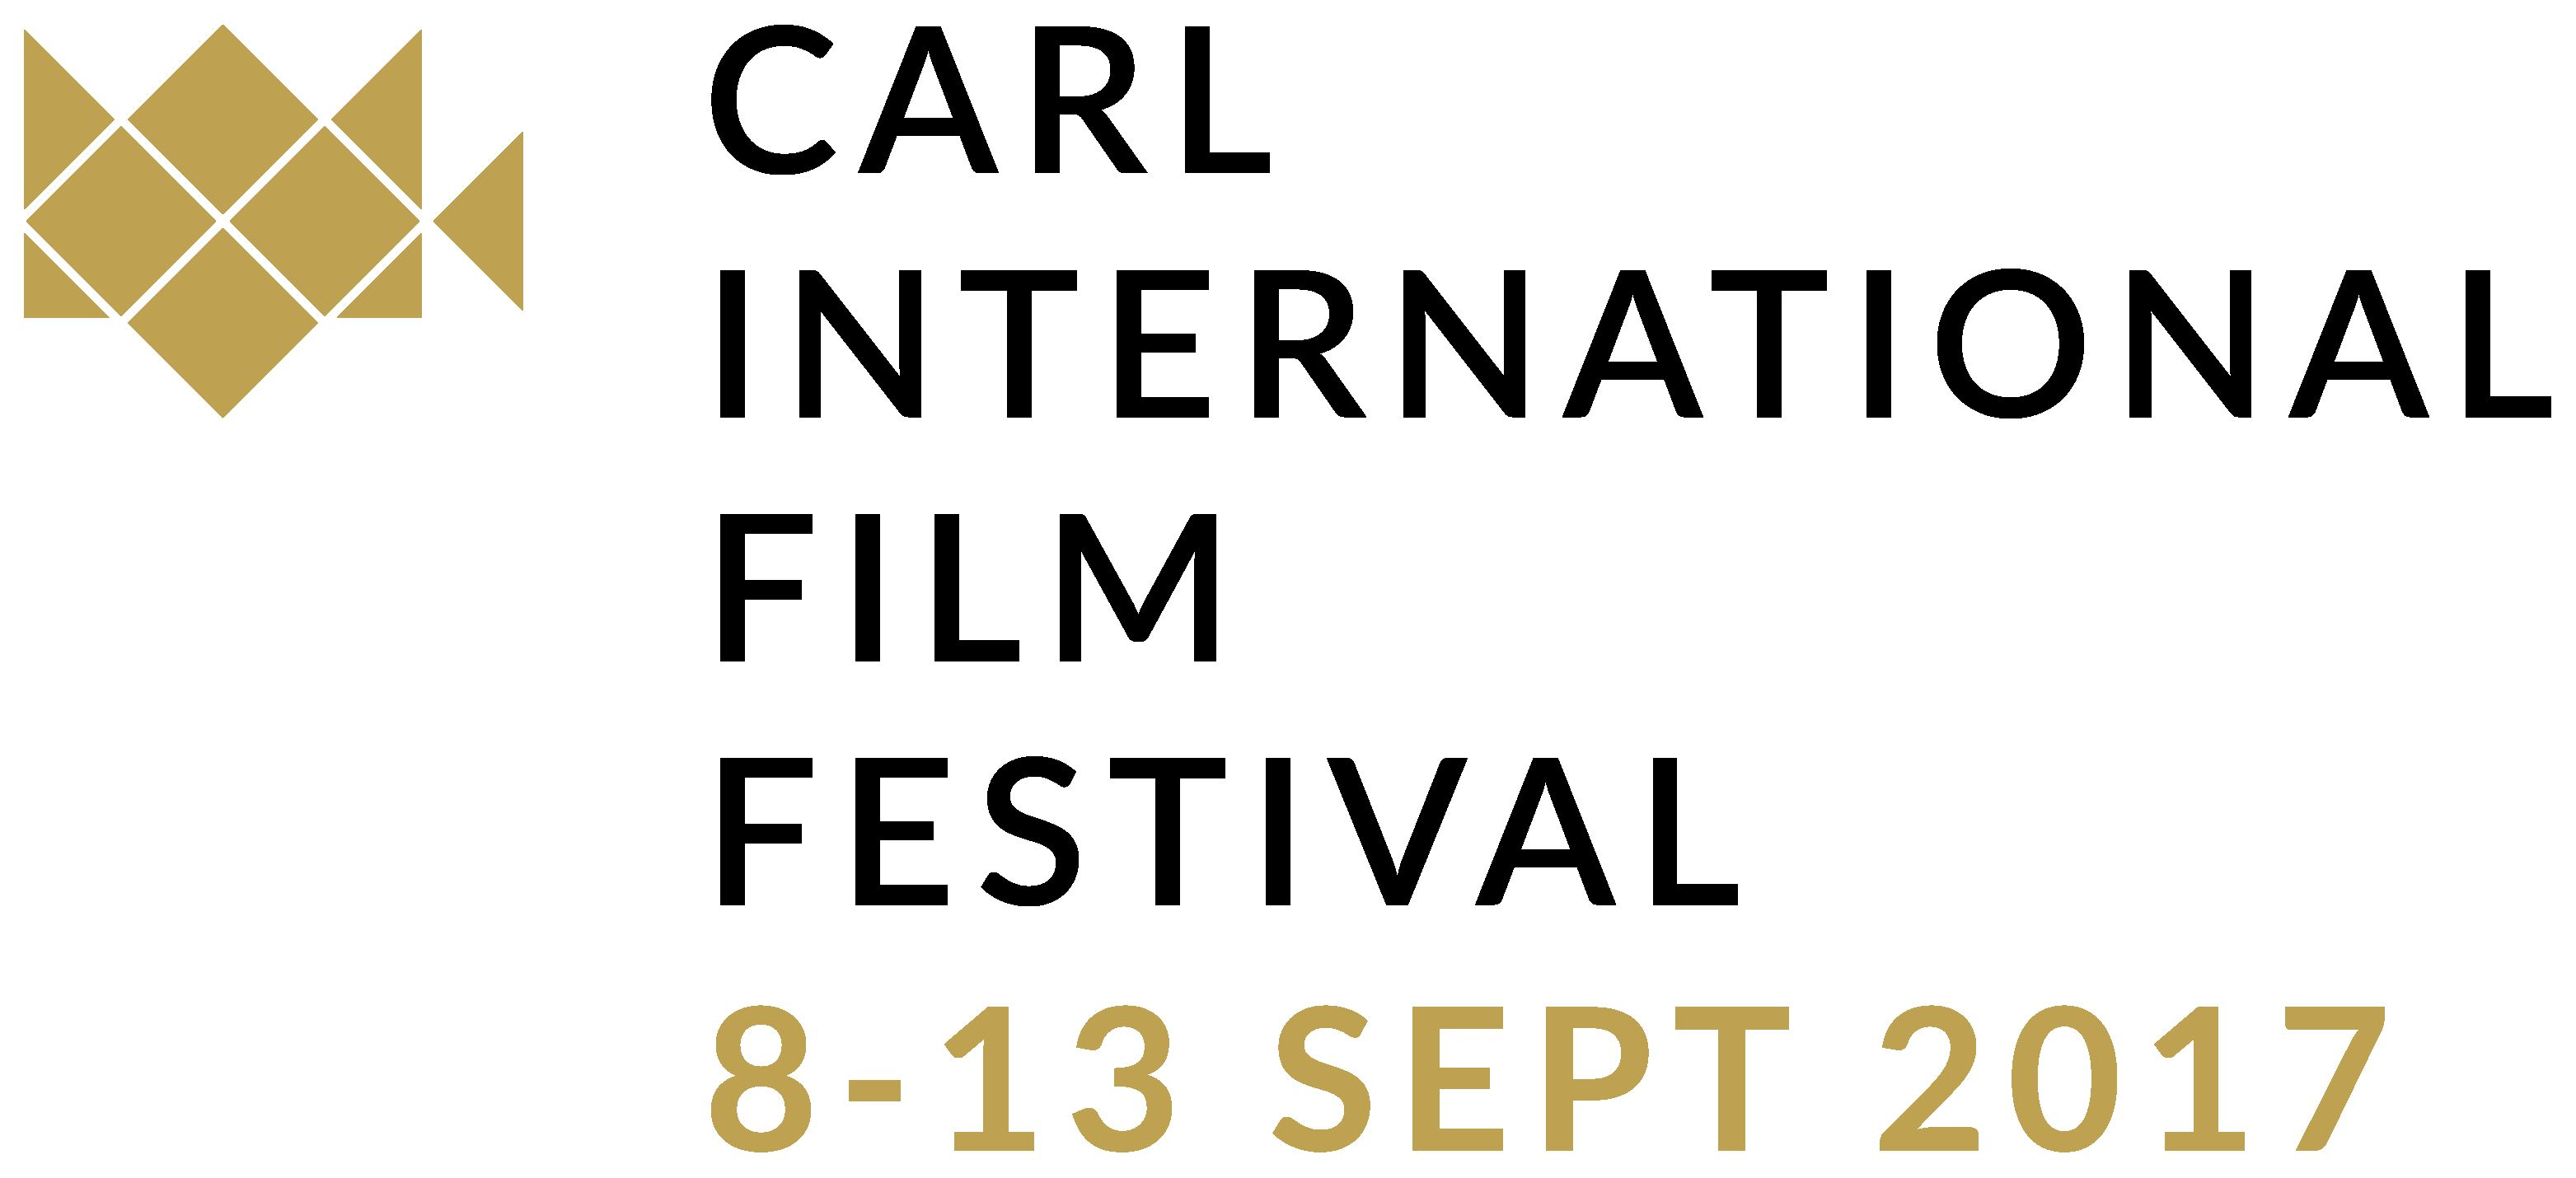 Carl International Film Festival